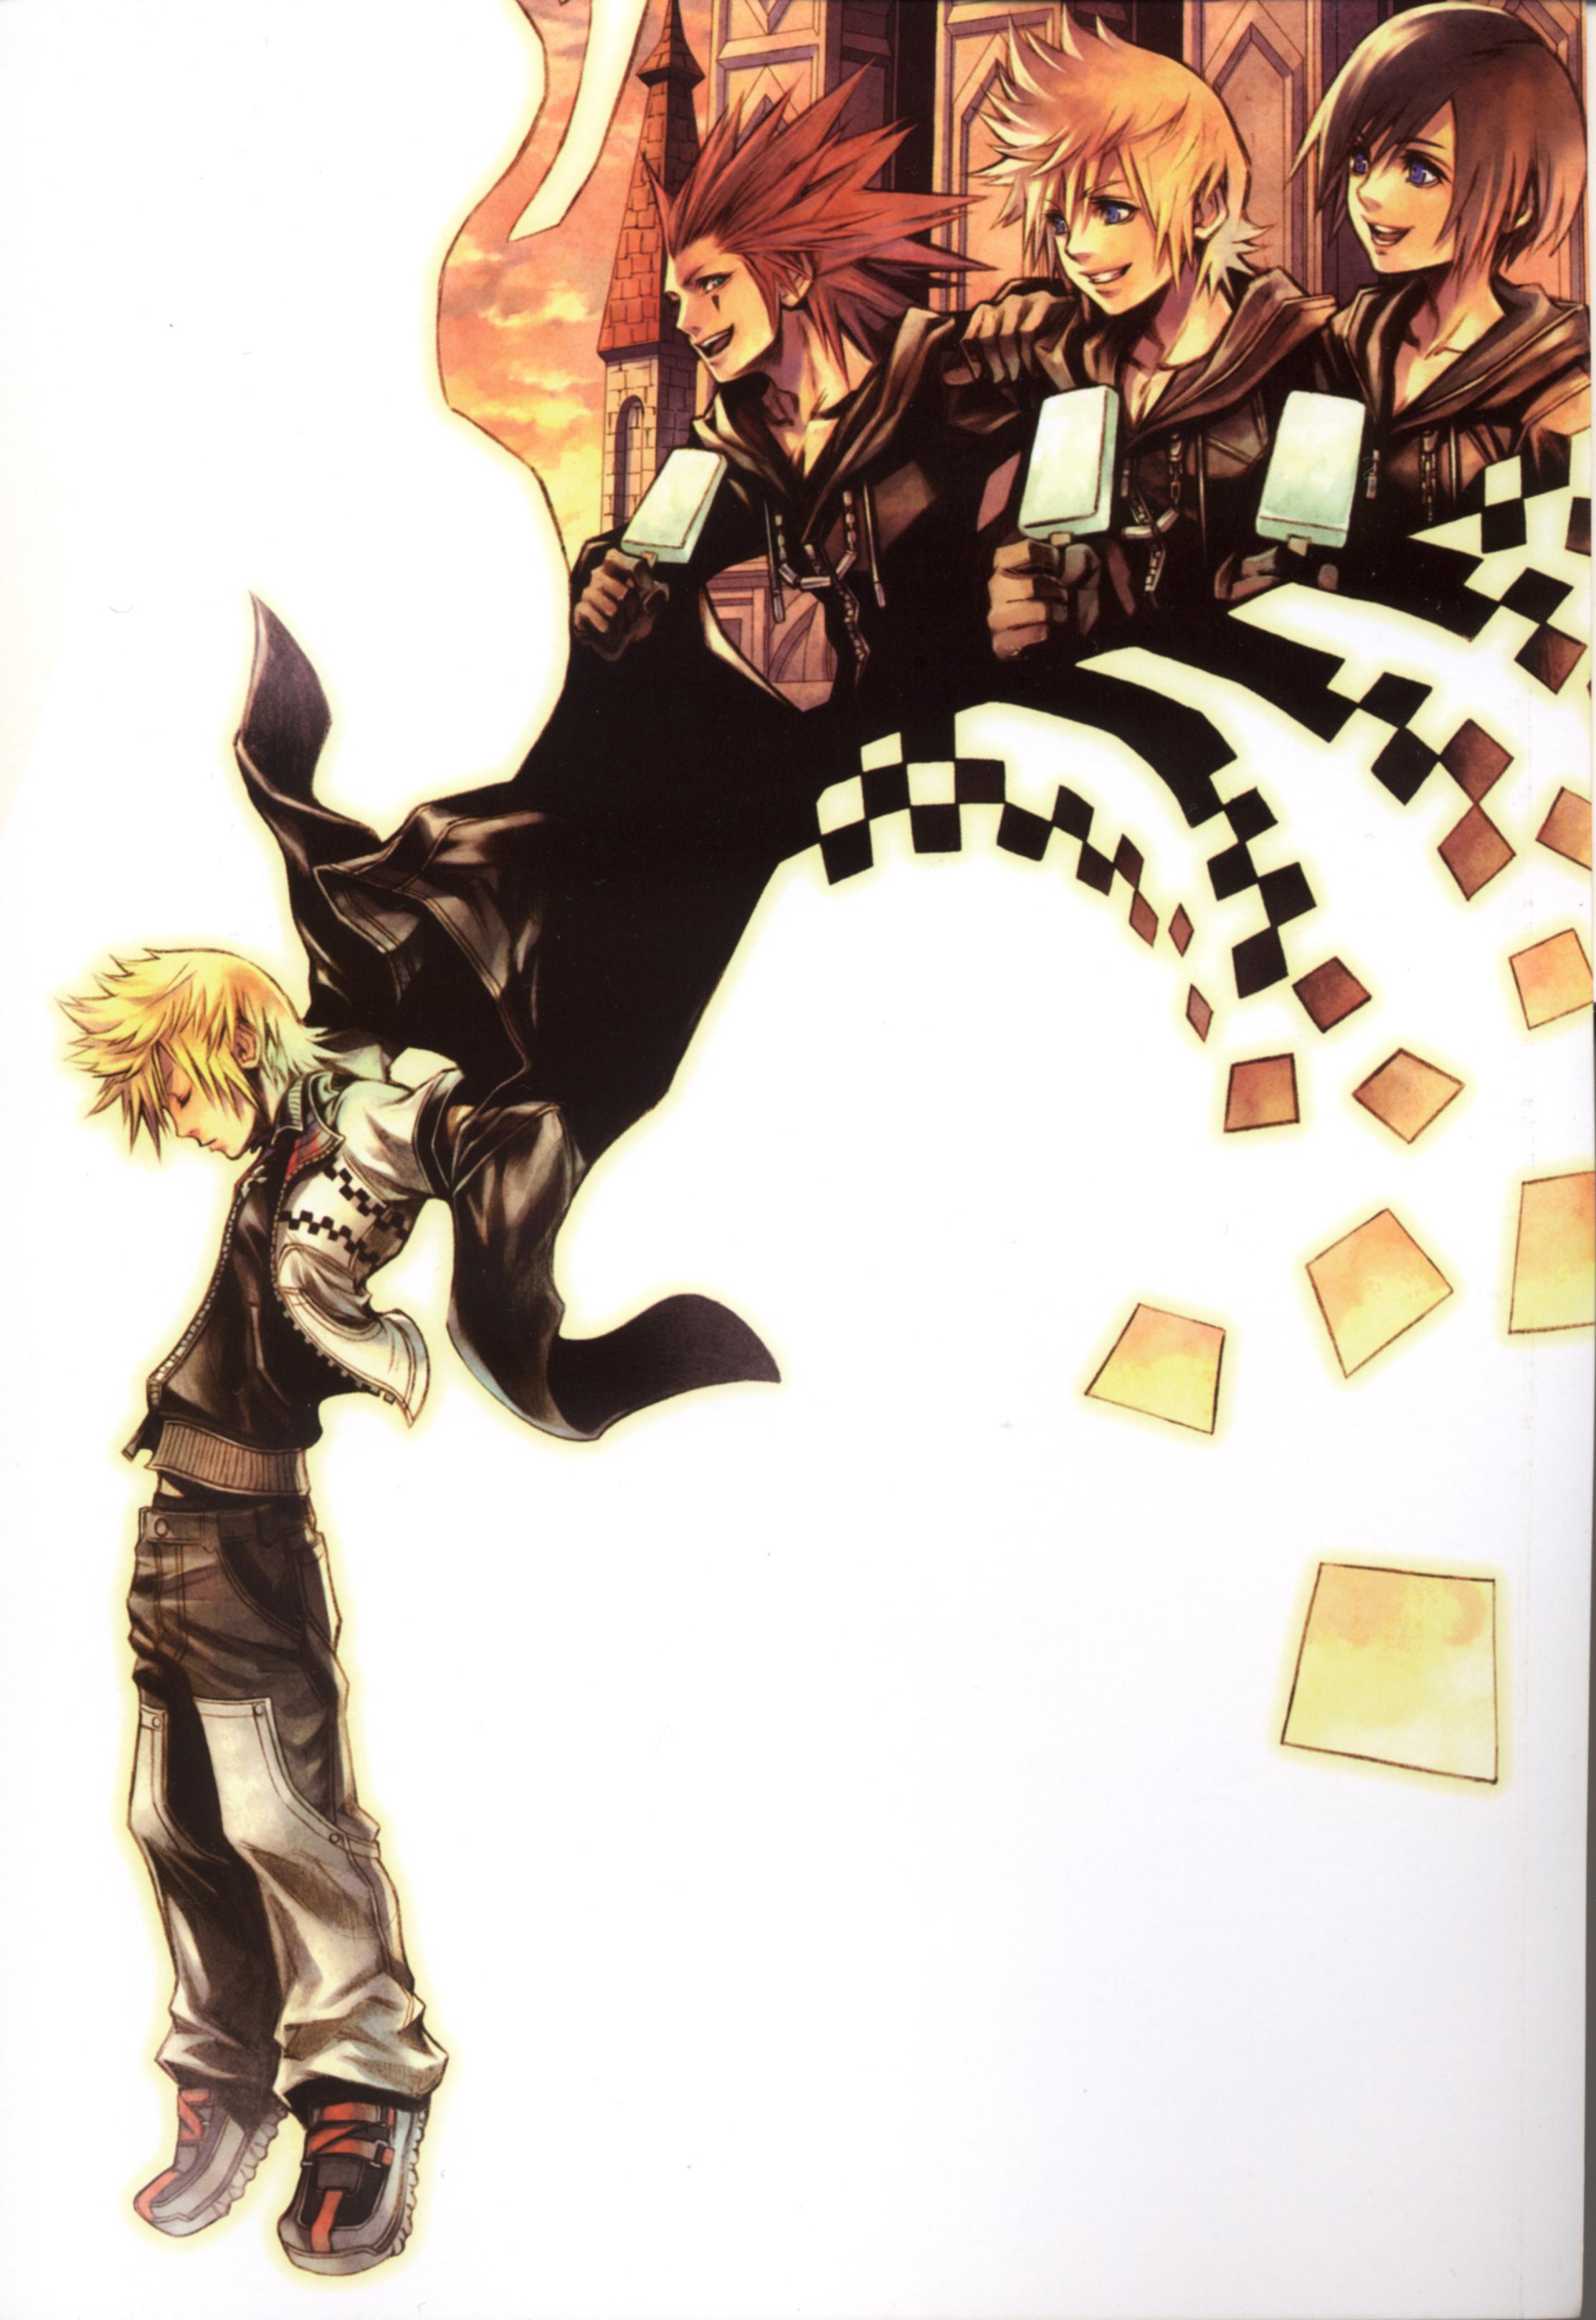 Kingdom Hearts Mobile Wallpaper Zerochan Anime Image Board